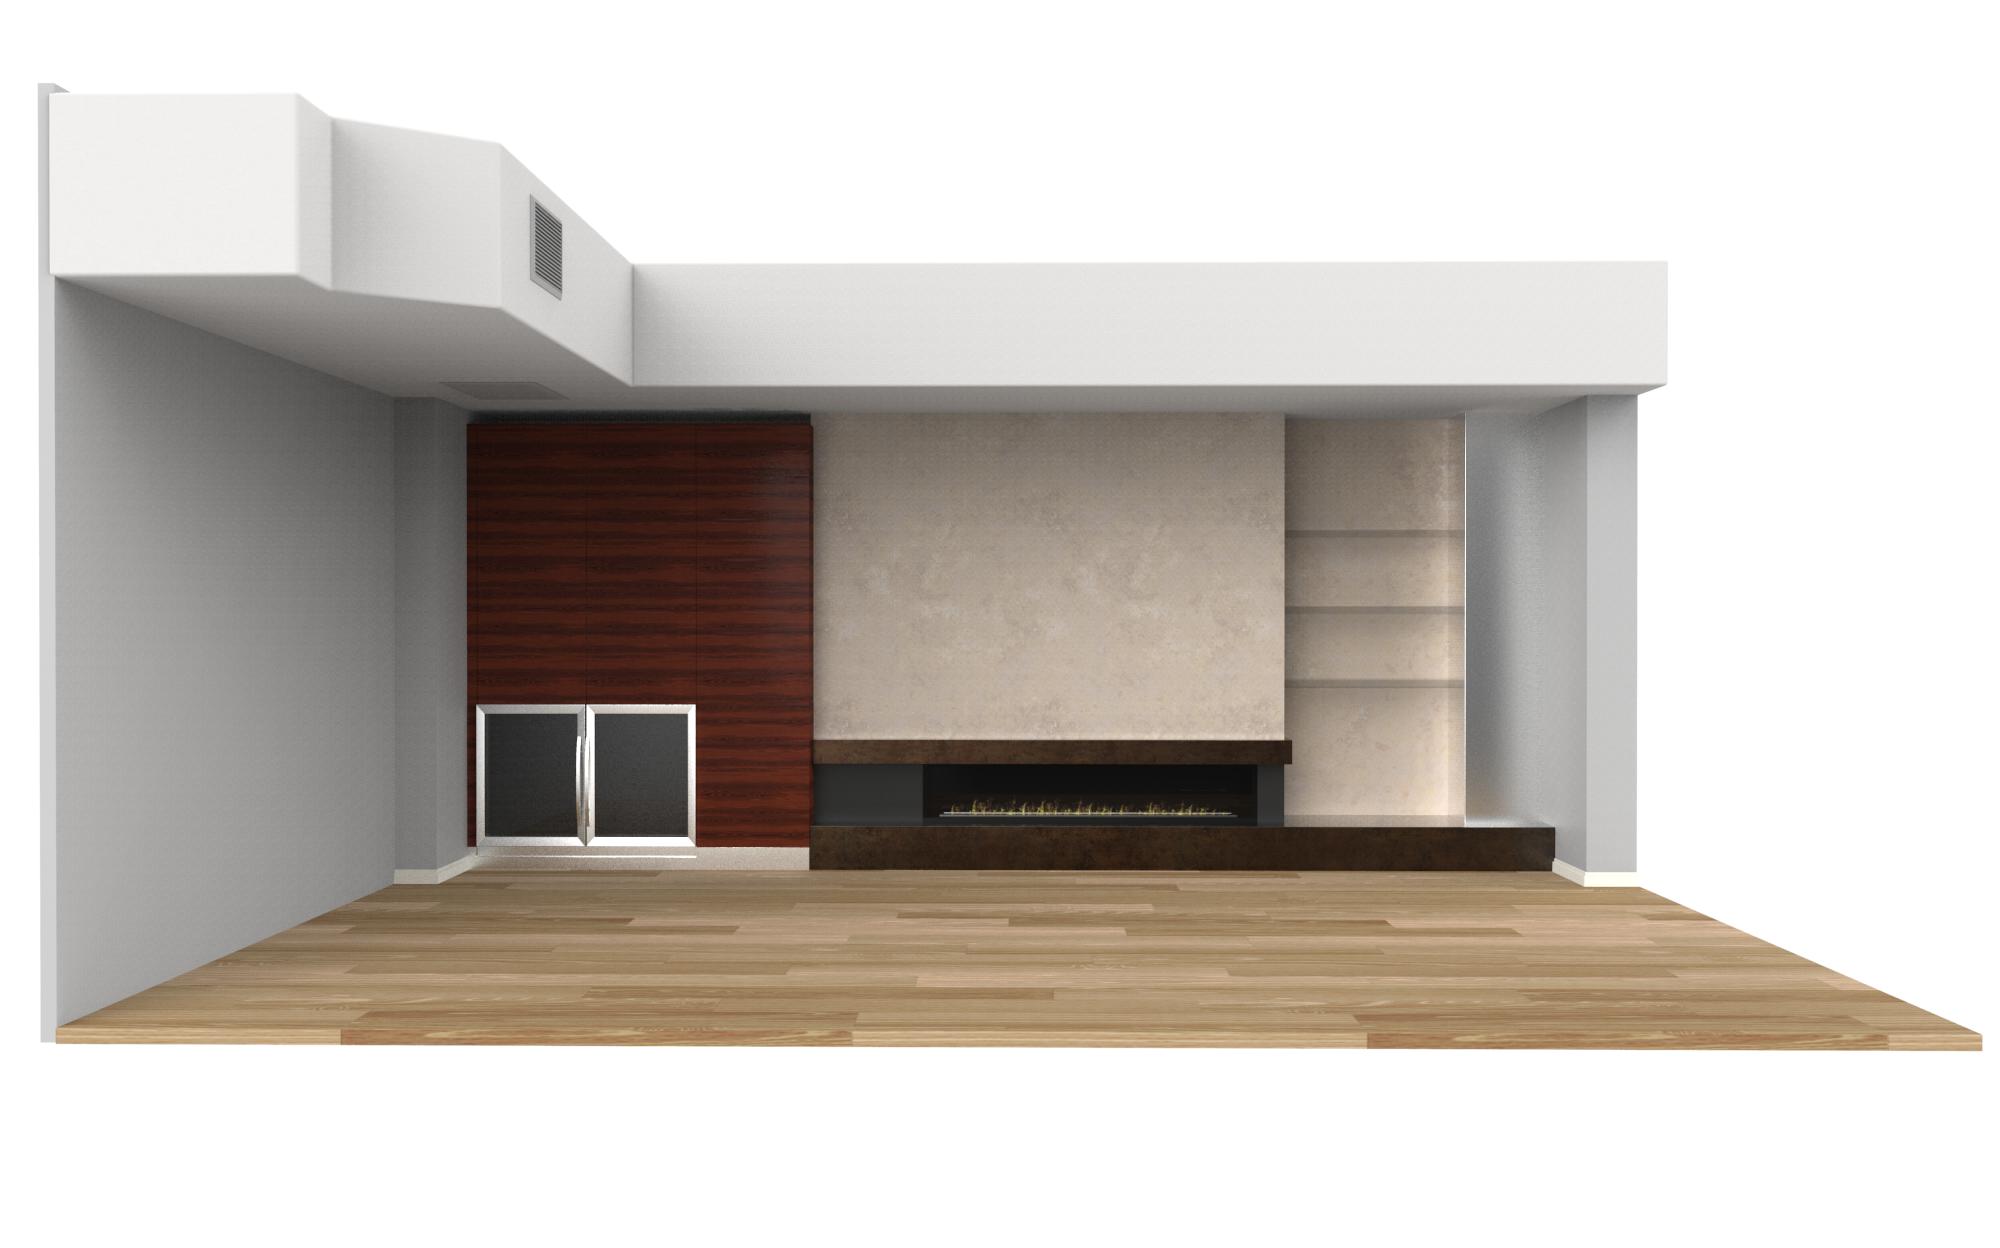 Fireplacev1.png